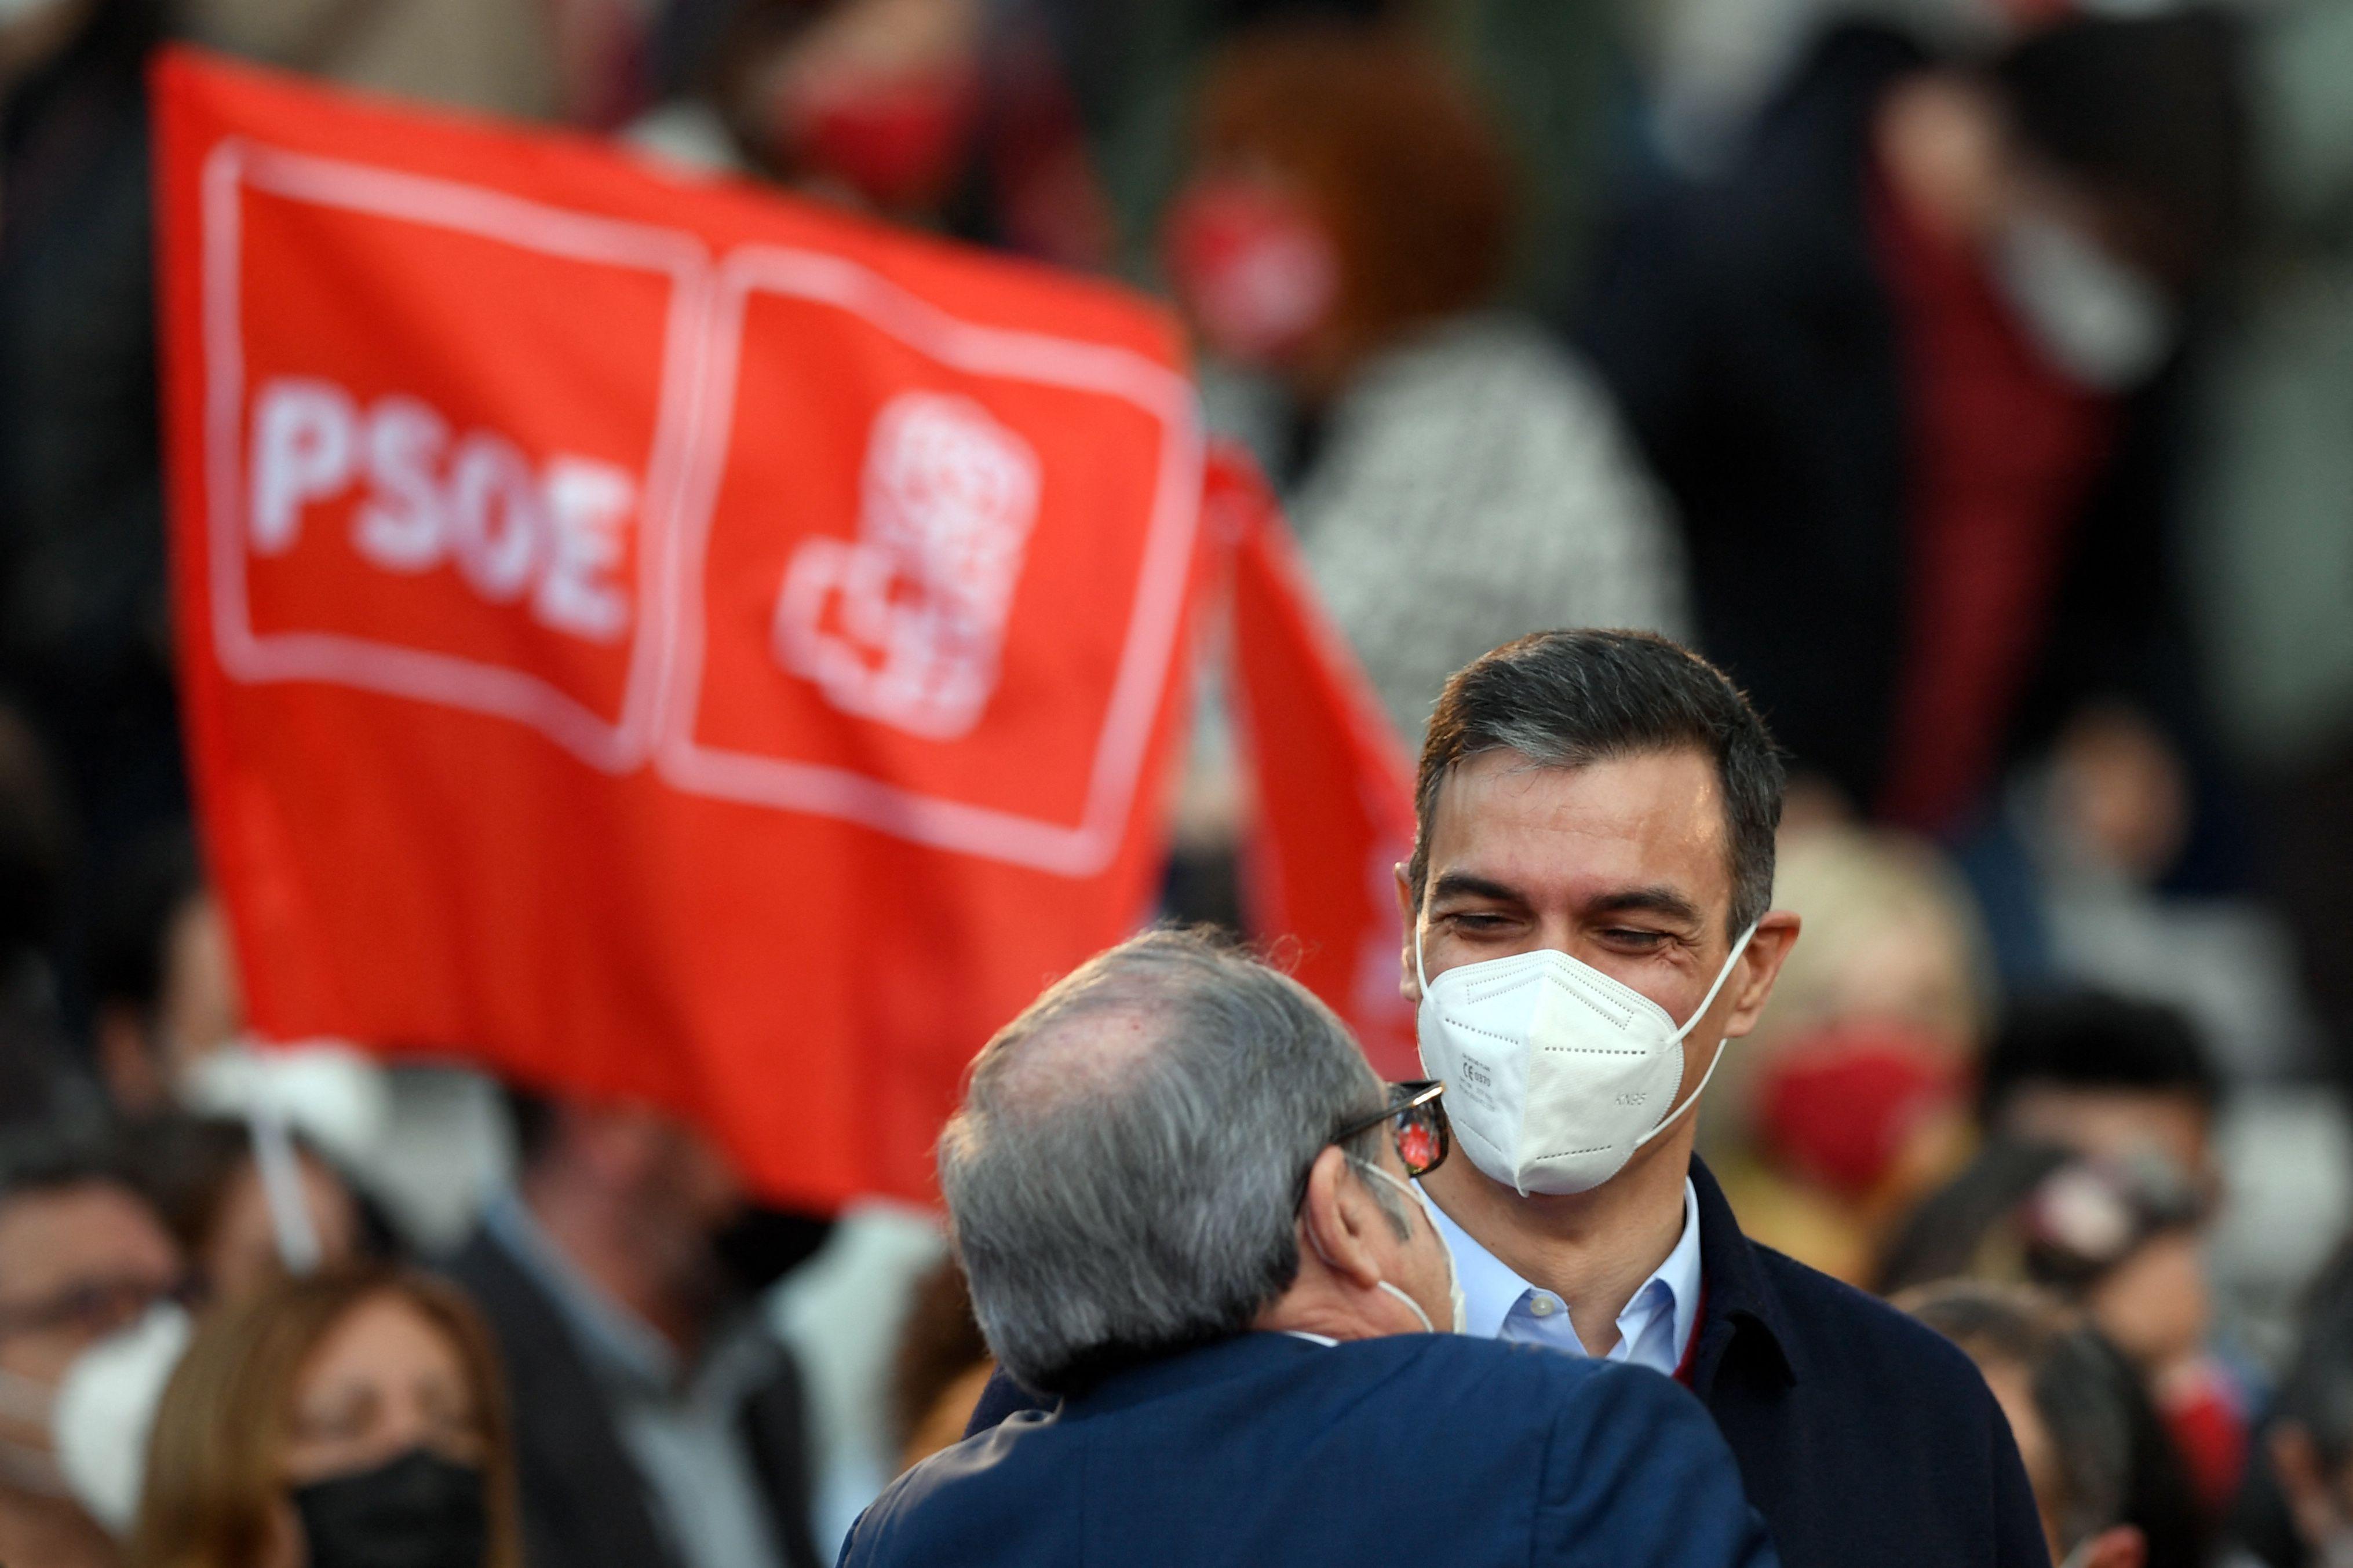 El presidente del Gobierno, Pedro Sánchez, y el candidato socialista en Madrid, Ángel Gabilondo, este domingo en cierre de campaña